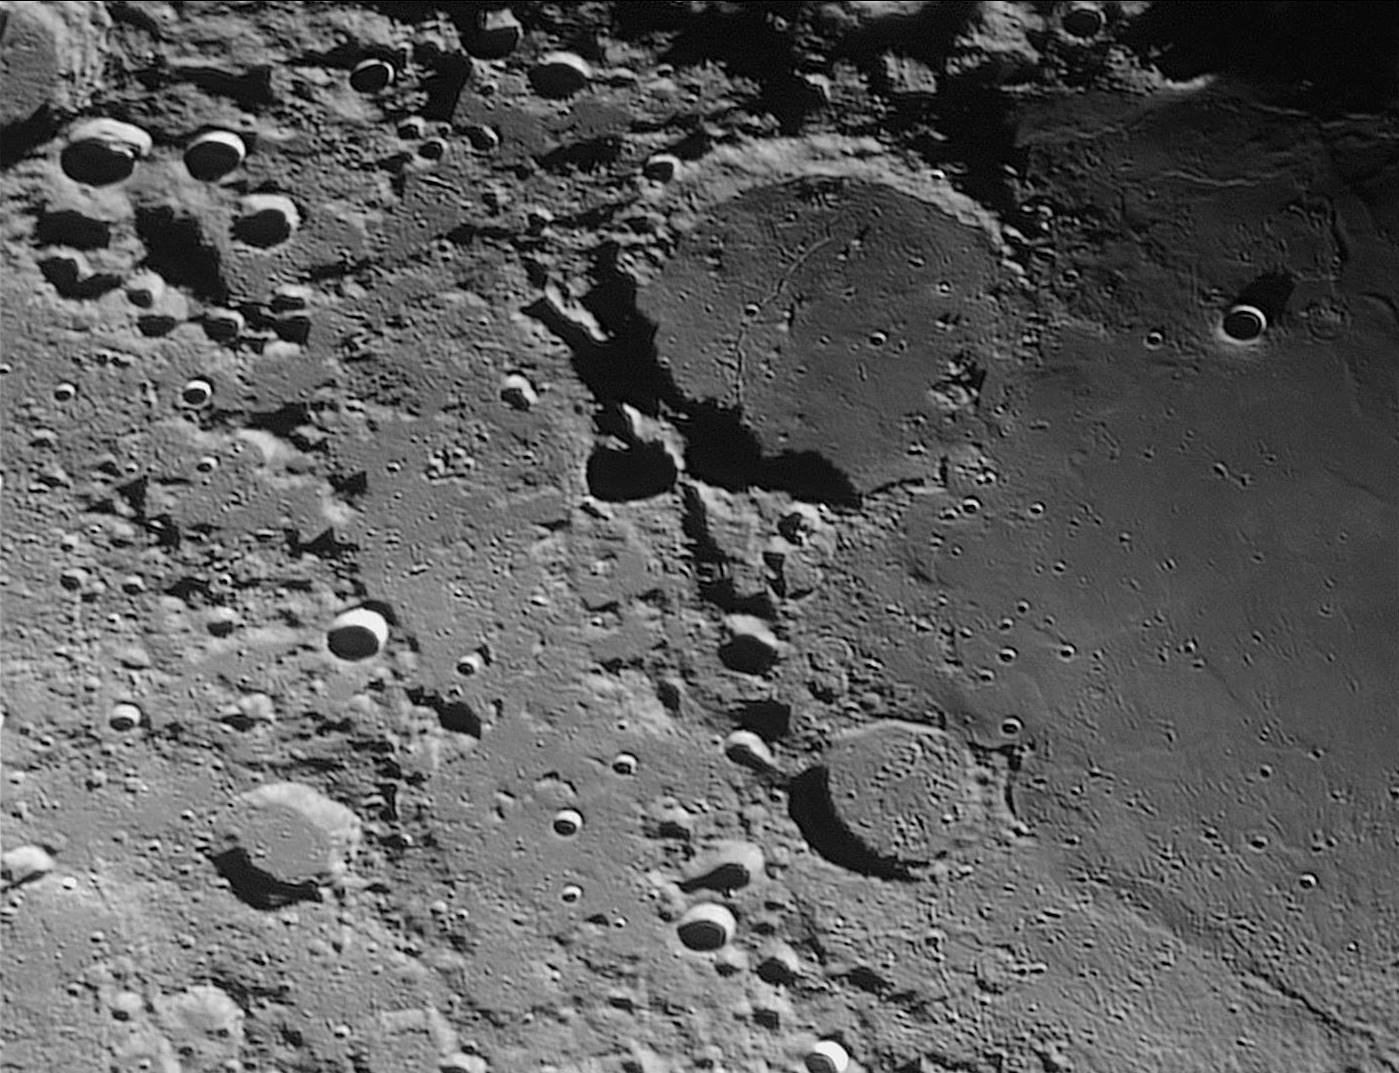 historia de la luna 1